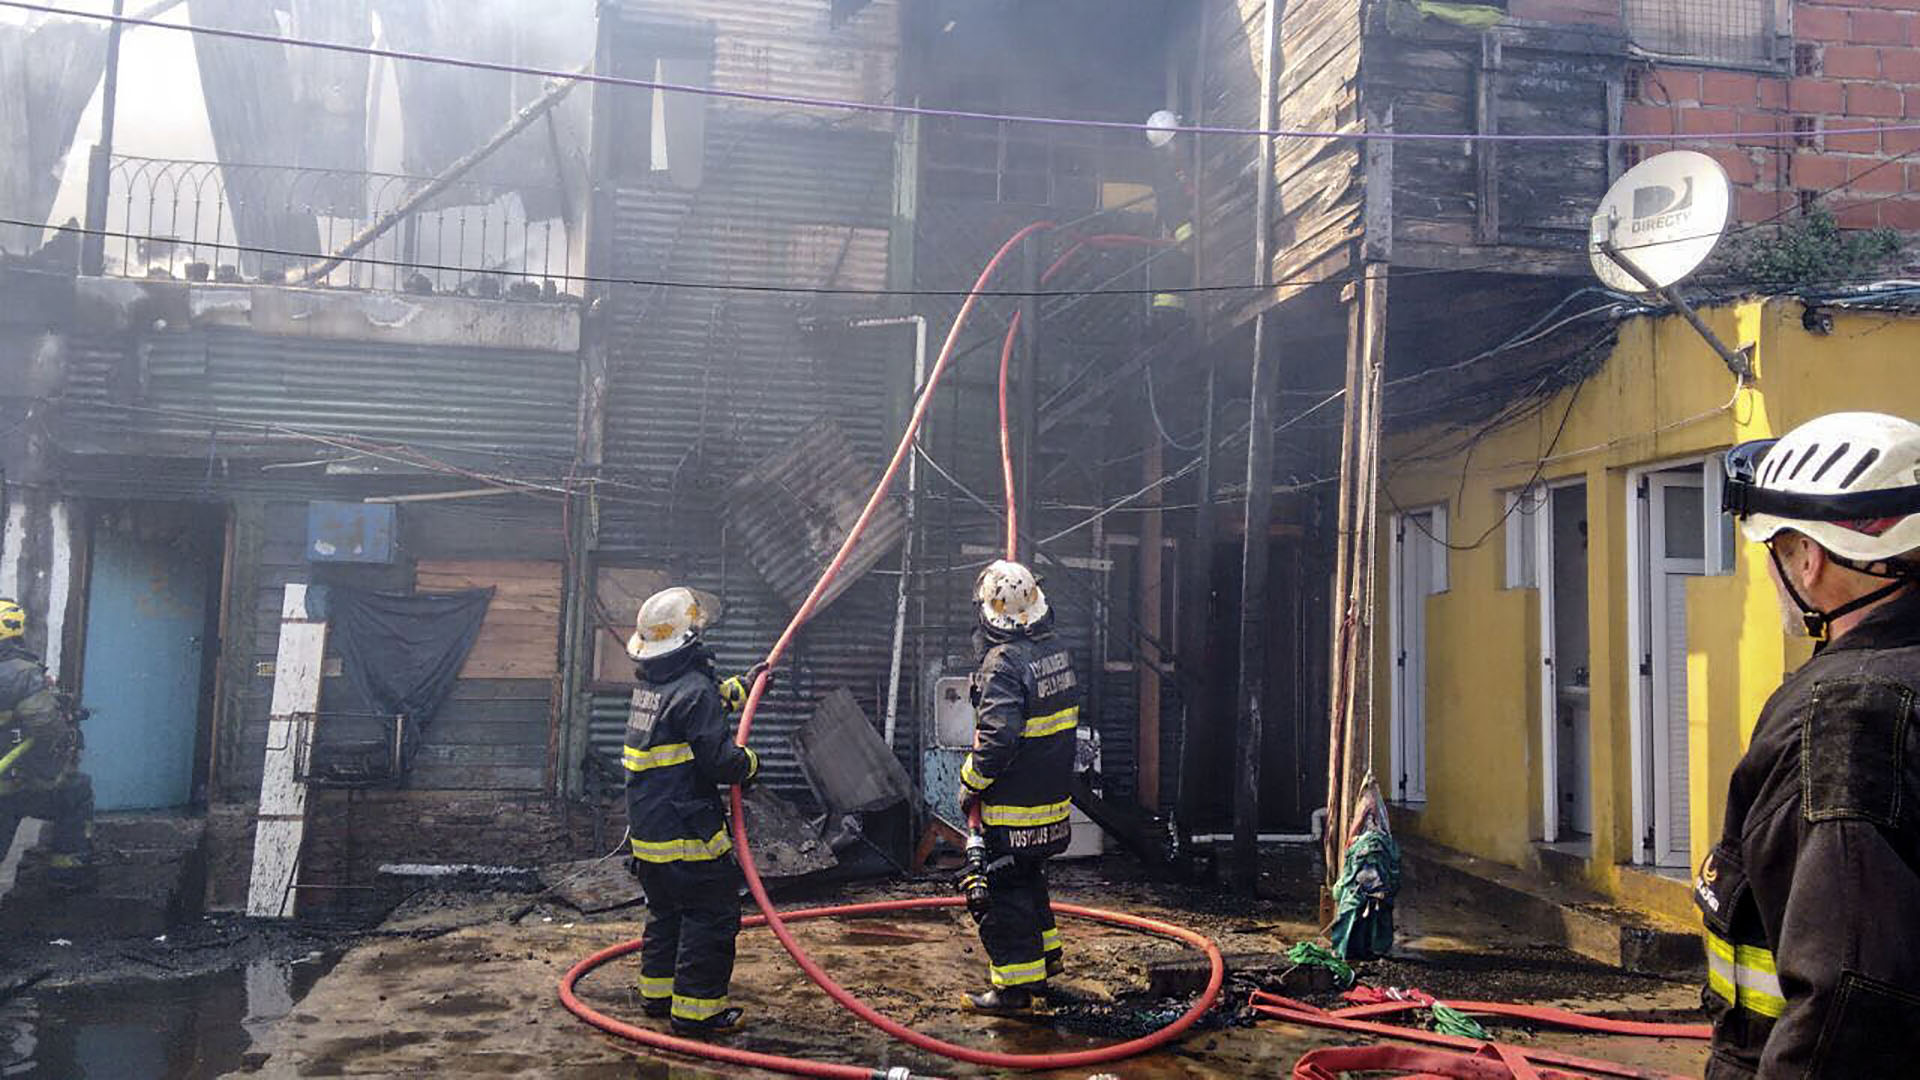 Un incendio se originó este mediodía en un conventillo del barrio porteño de La Boca, donde se produjeron importantes daños materiales, y varias familias debieron ser evacuadas (NA)